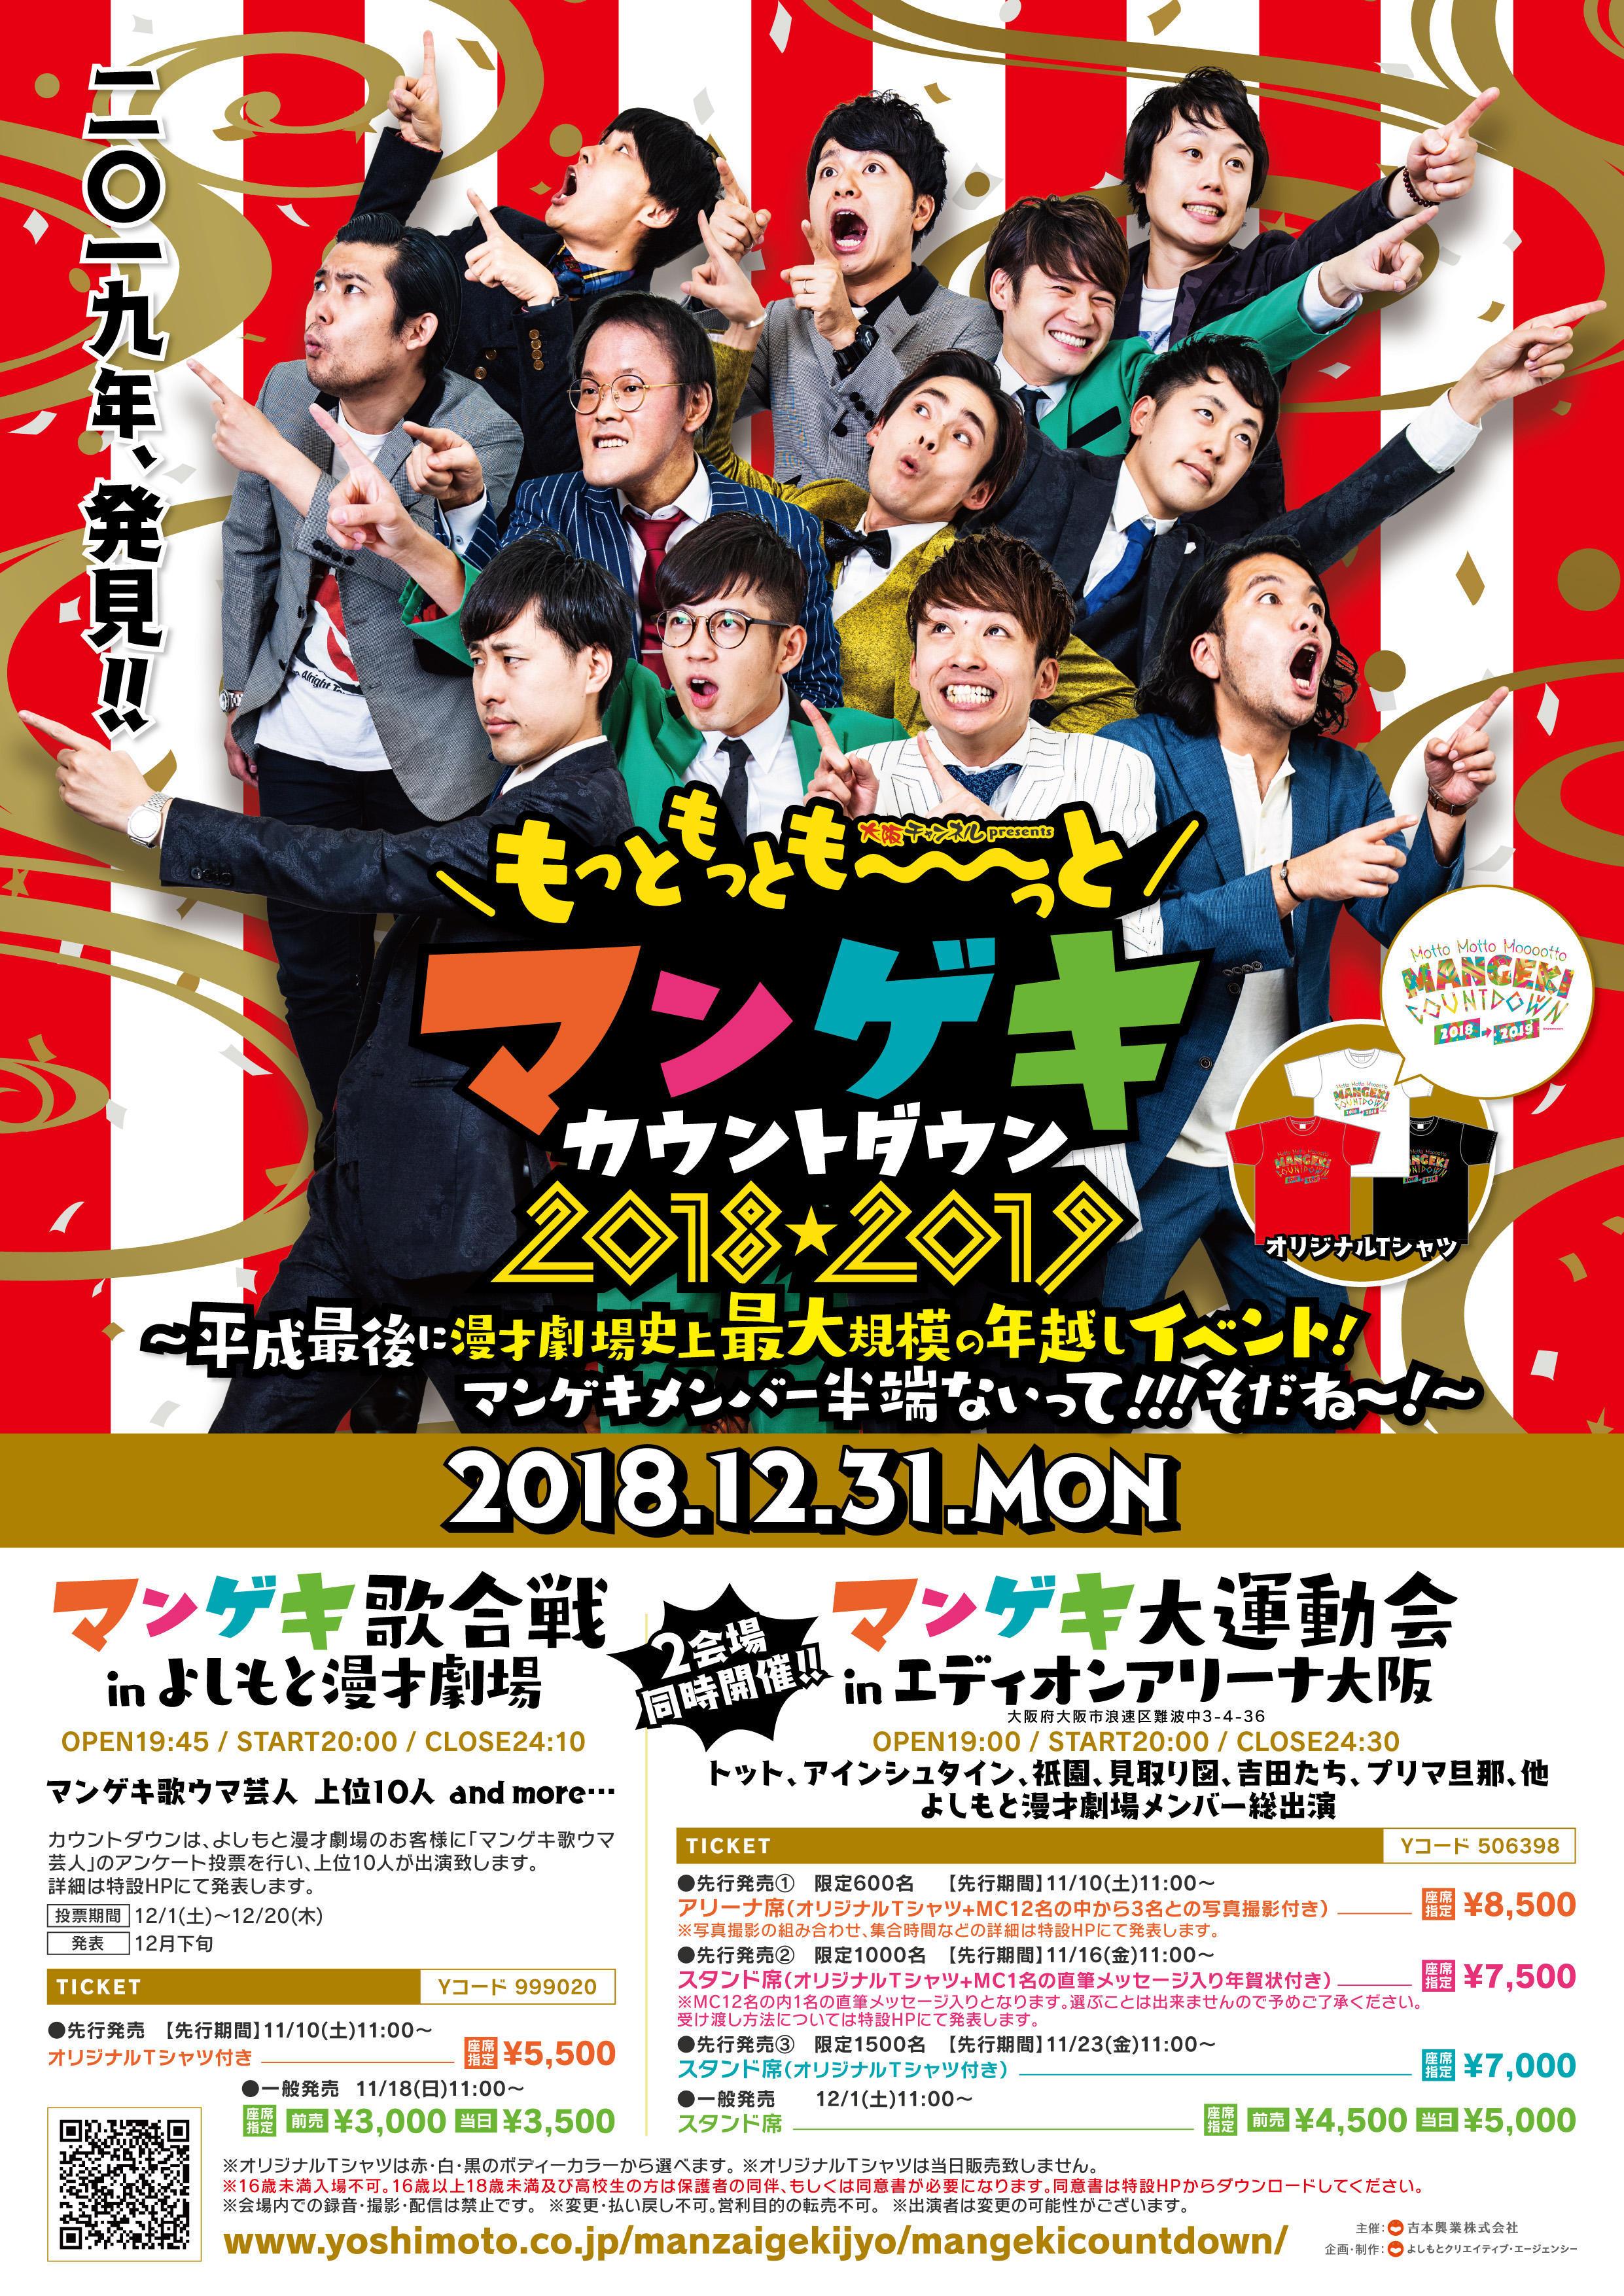 http://news.yoshimoto.co.jp/20181106154127-4f8a2a044753df9526413bd6005f9f46ee5e877c.jpg